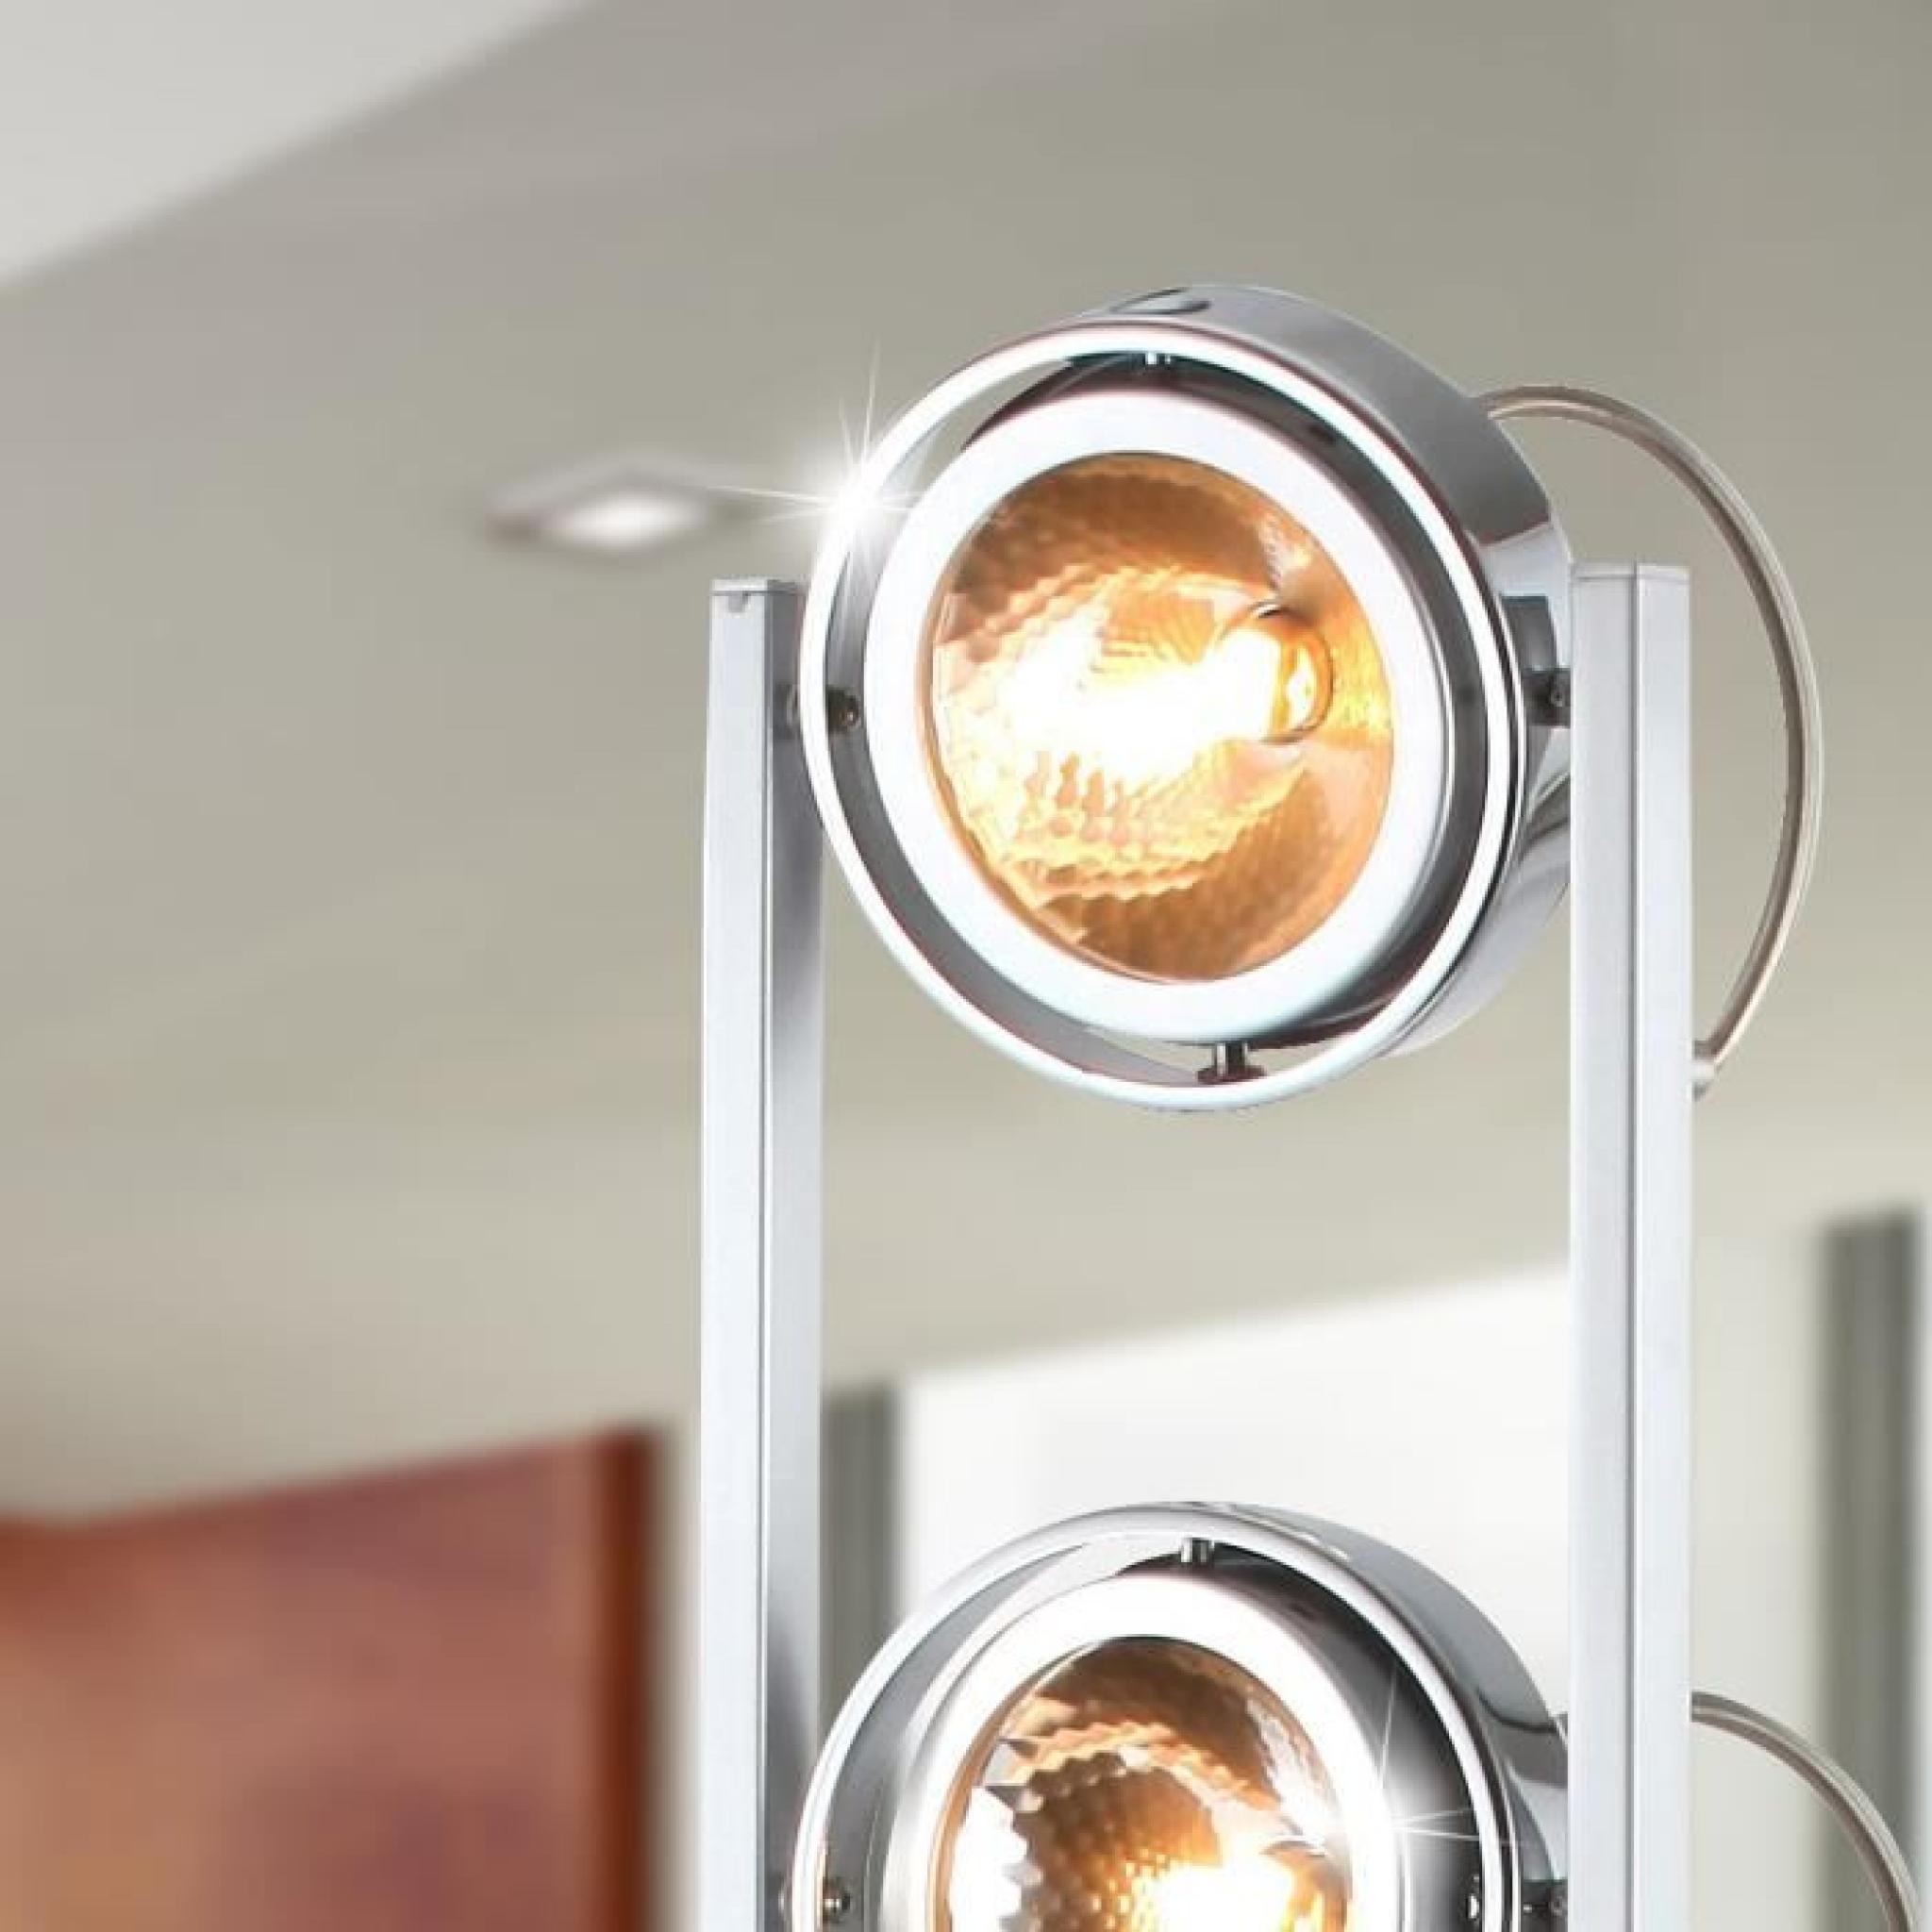 lampadaire spots lampe eclairage lumiere g9 globo 3 5 Inspirant Lampe Eclairage Uqw1